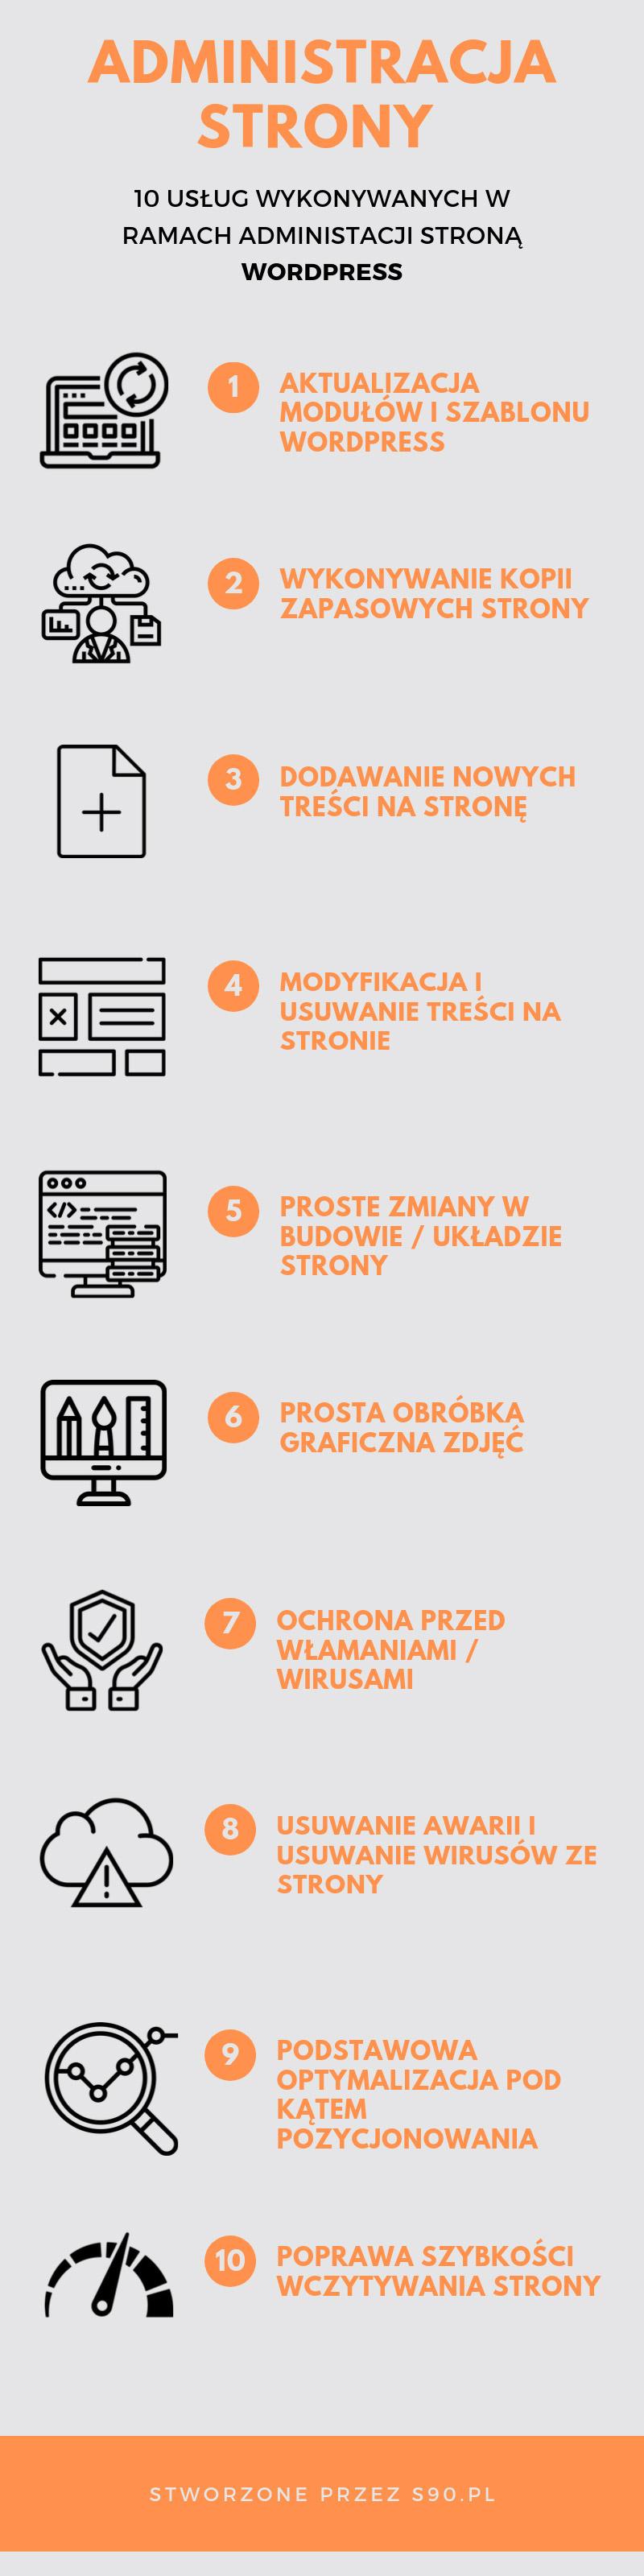 administracja strony infografika